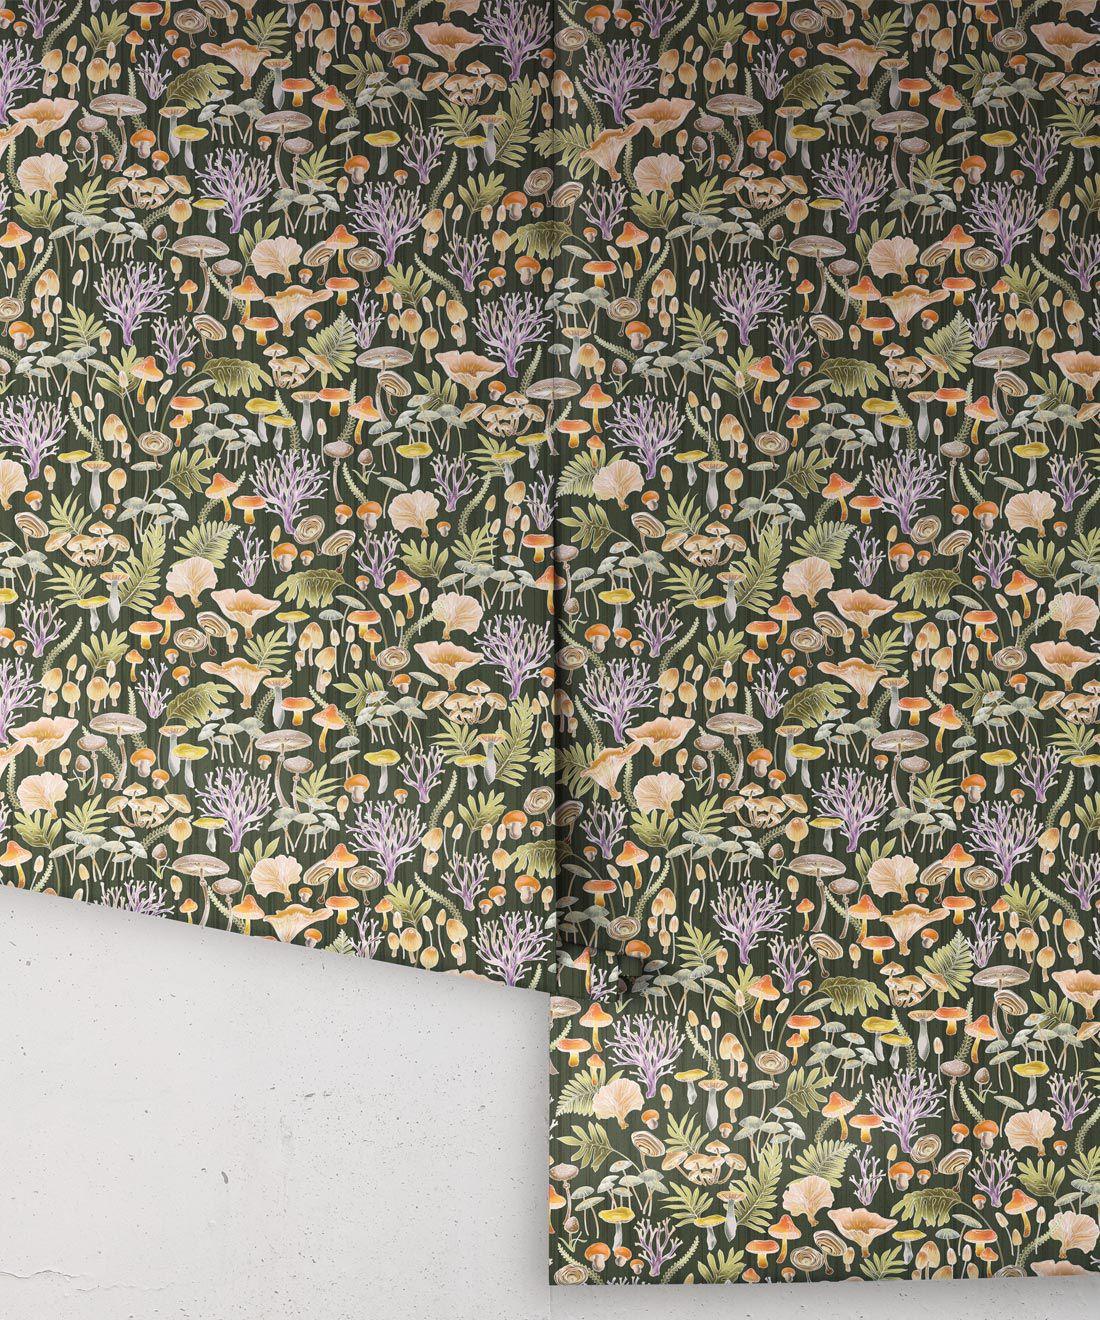 Fungi Wallpaper • Eloise Short • Vintage Floral Wallpaper •Granny Chic Wallpaper • Grandmillennial Style Wallpaper •Olive •Rolls